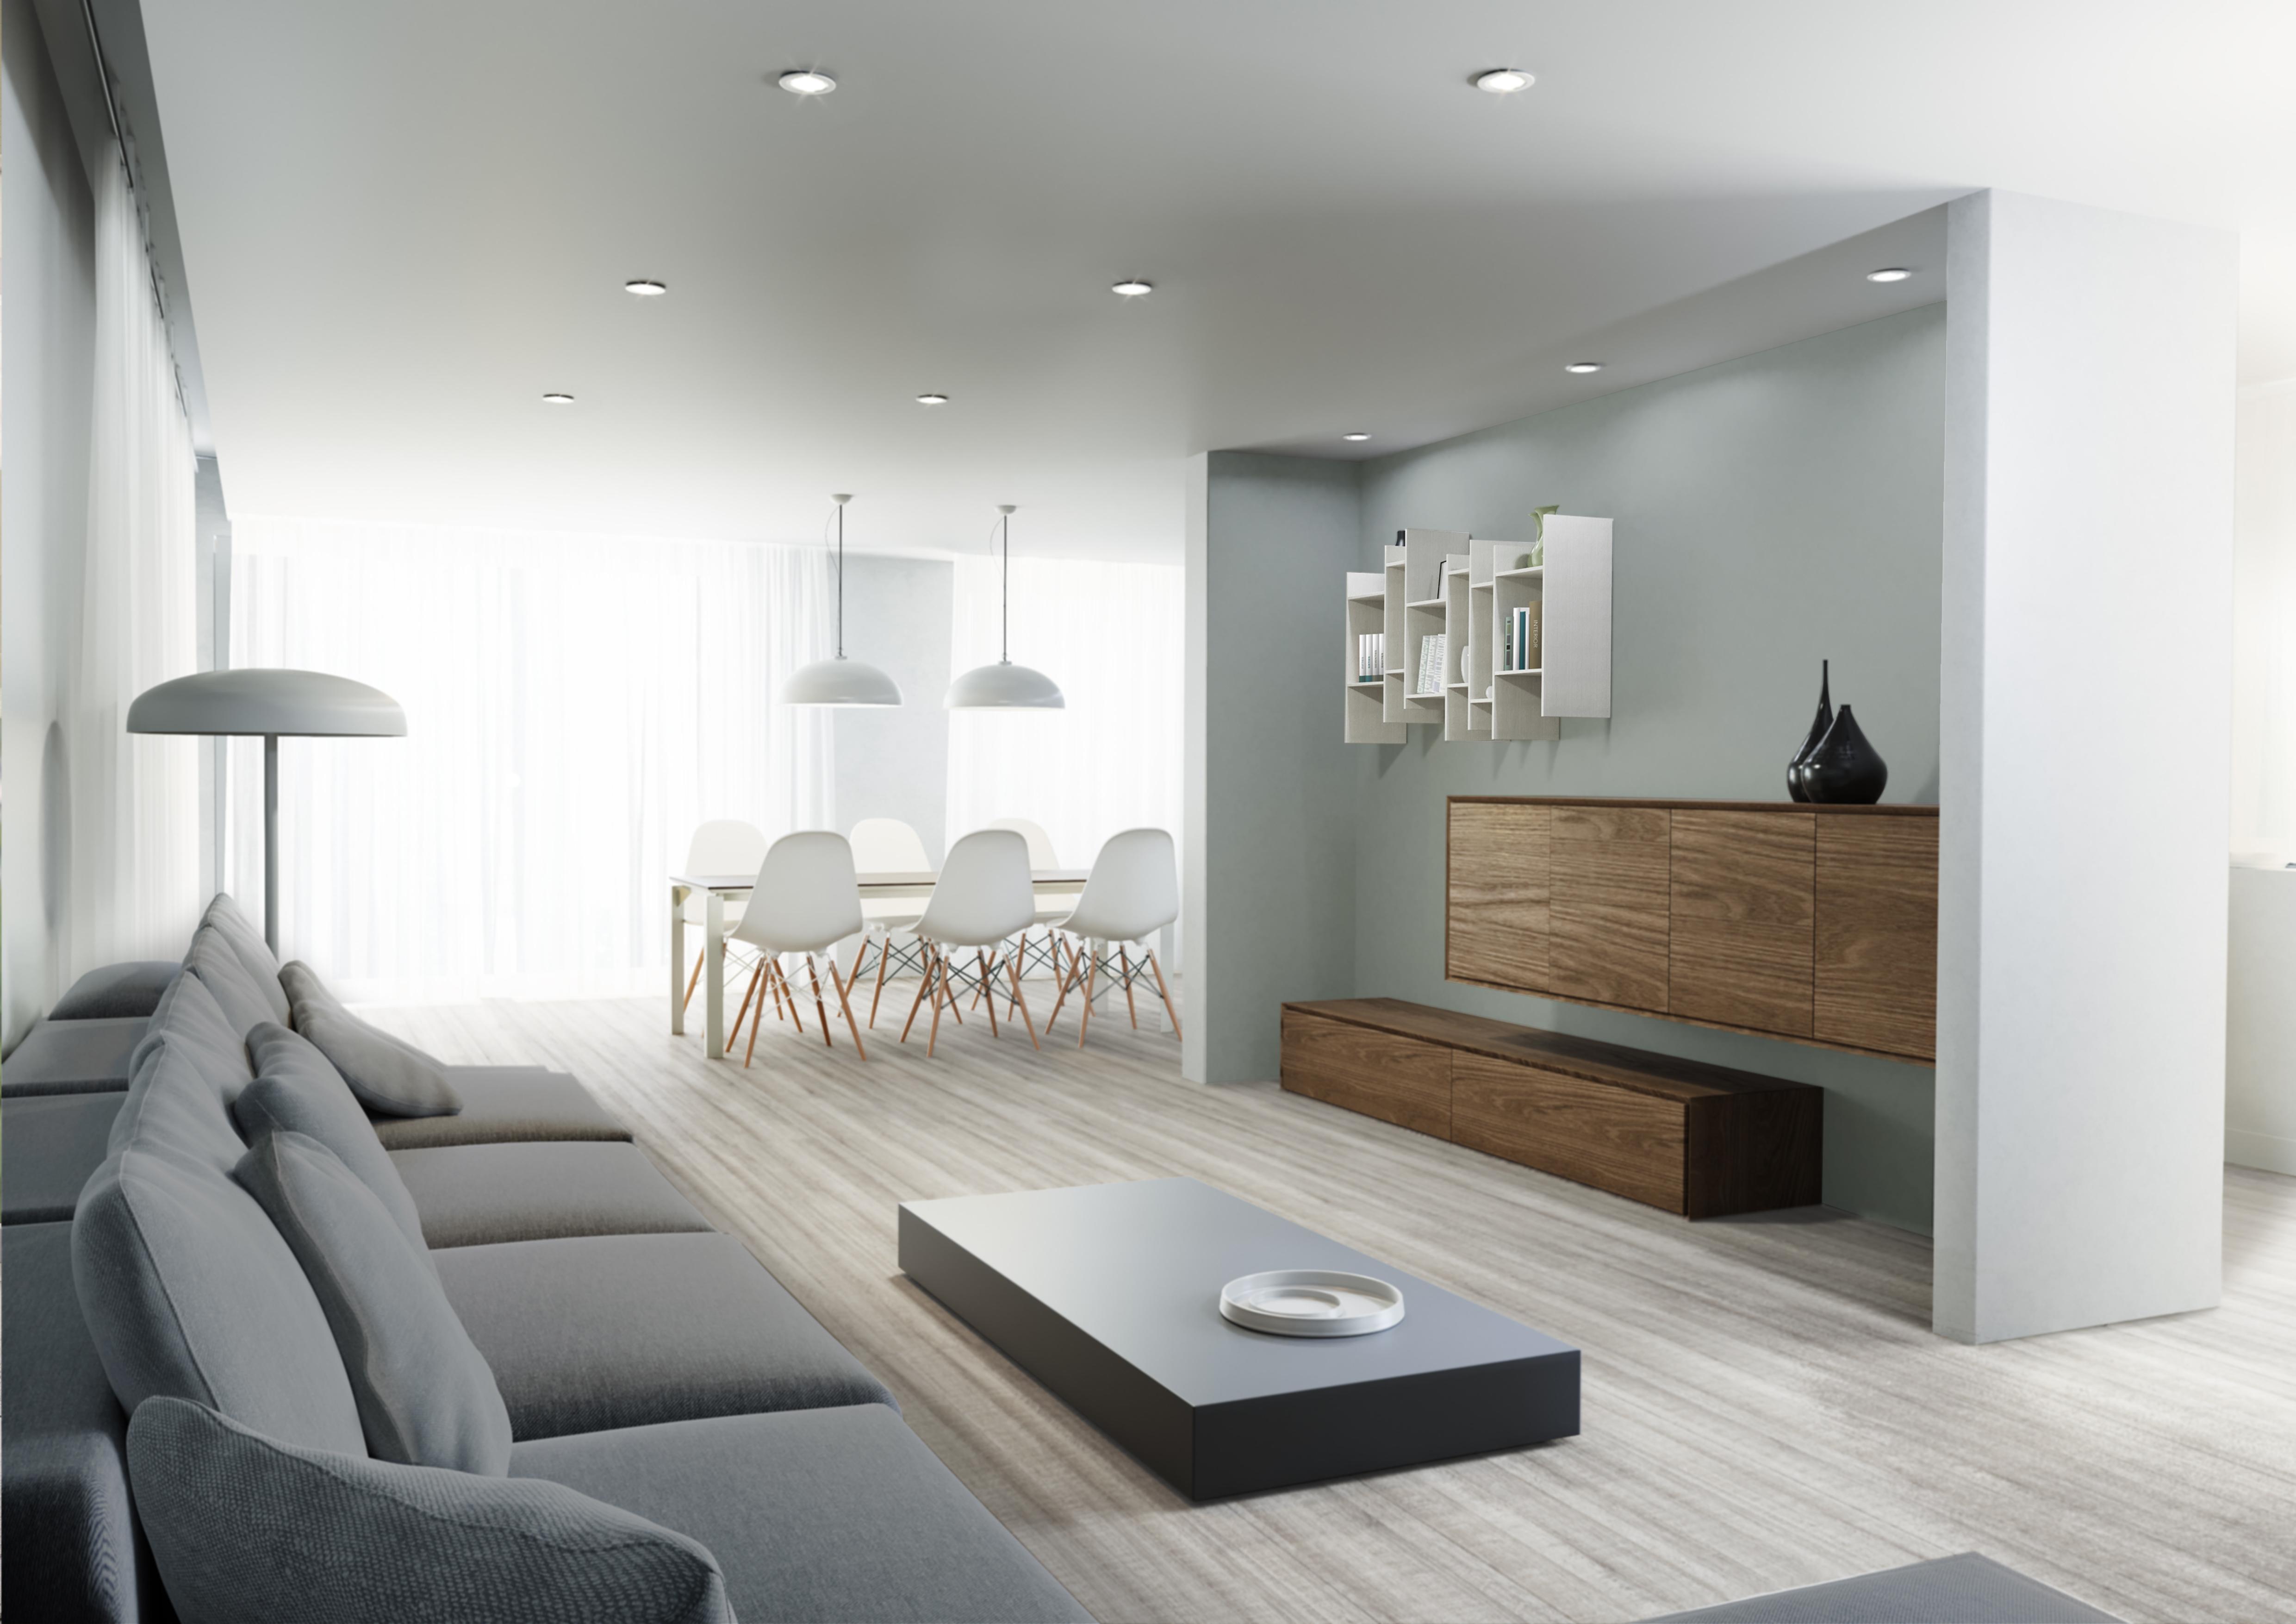 Meuble tv edge mobilier confort for Meuble salon a composer